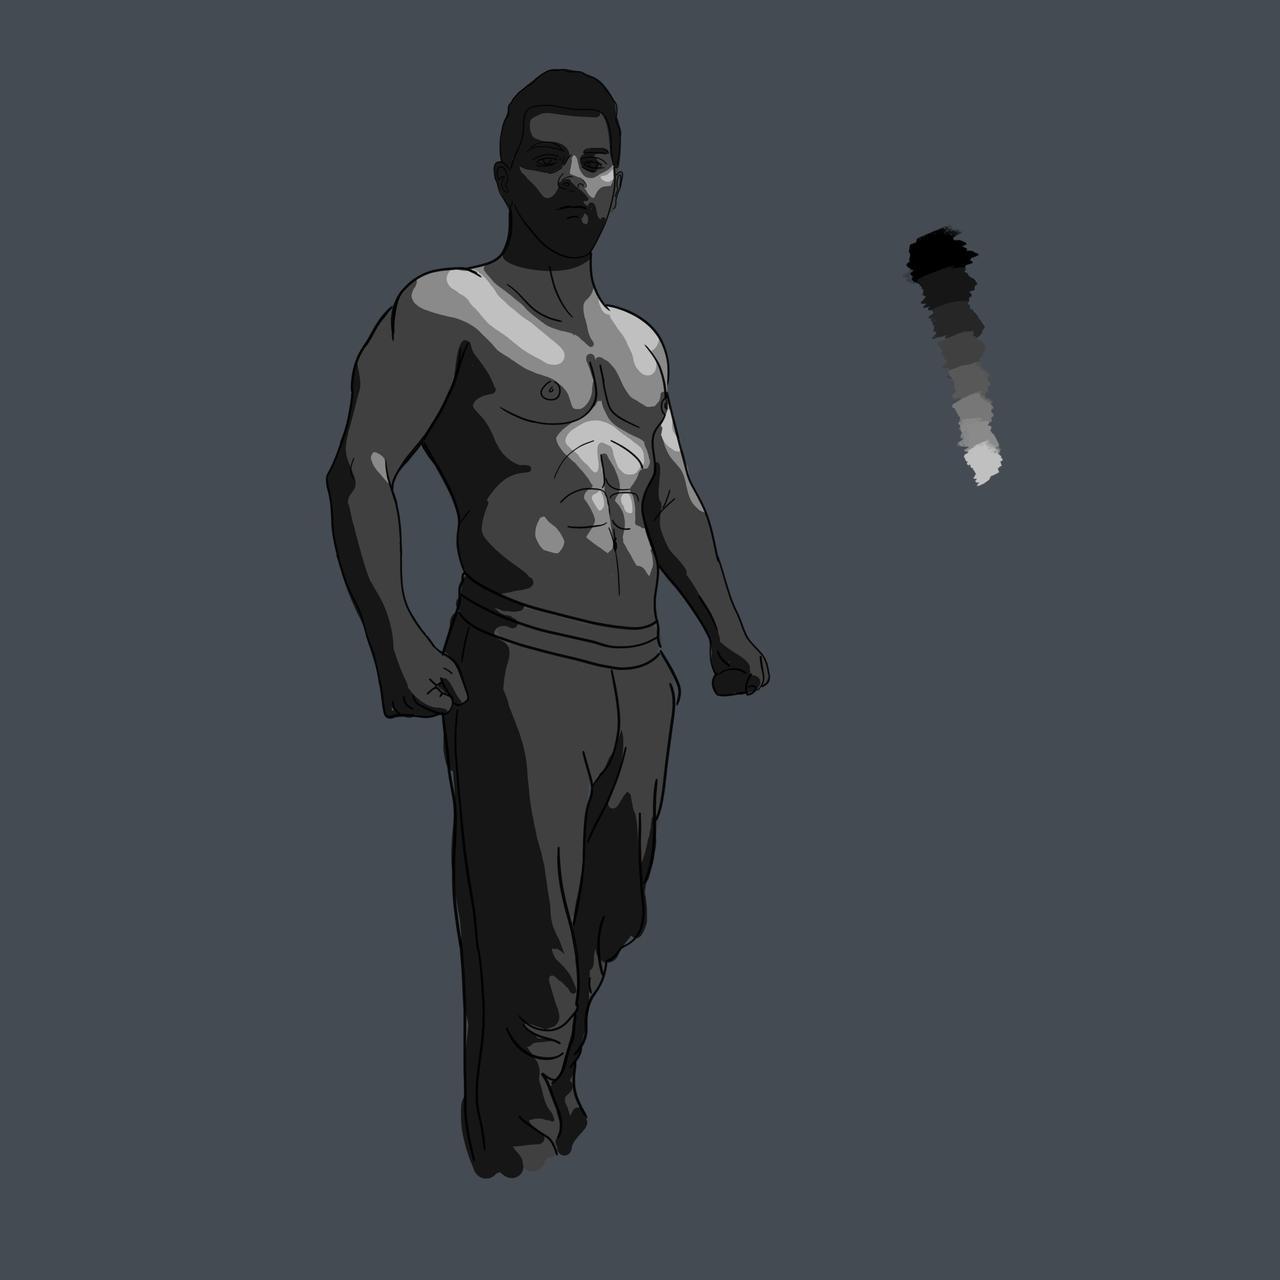 03-shadows2.png